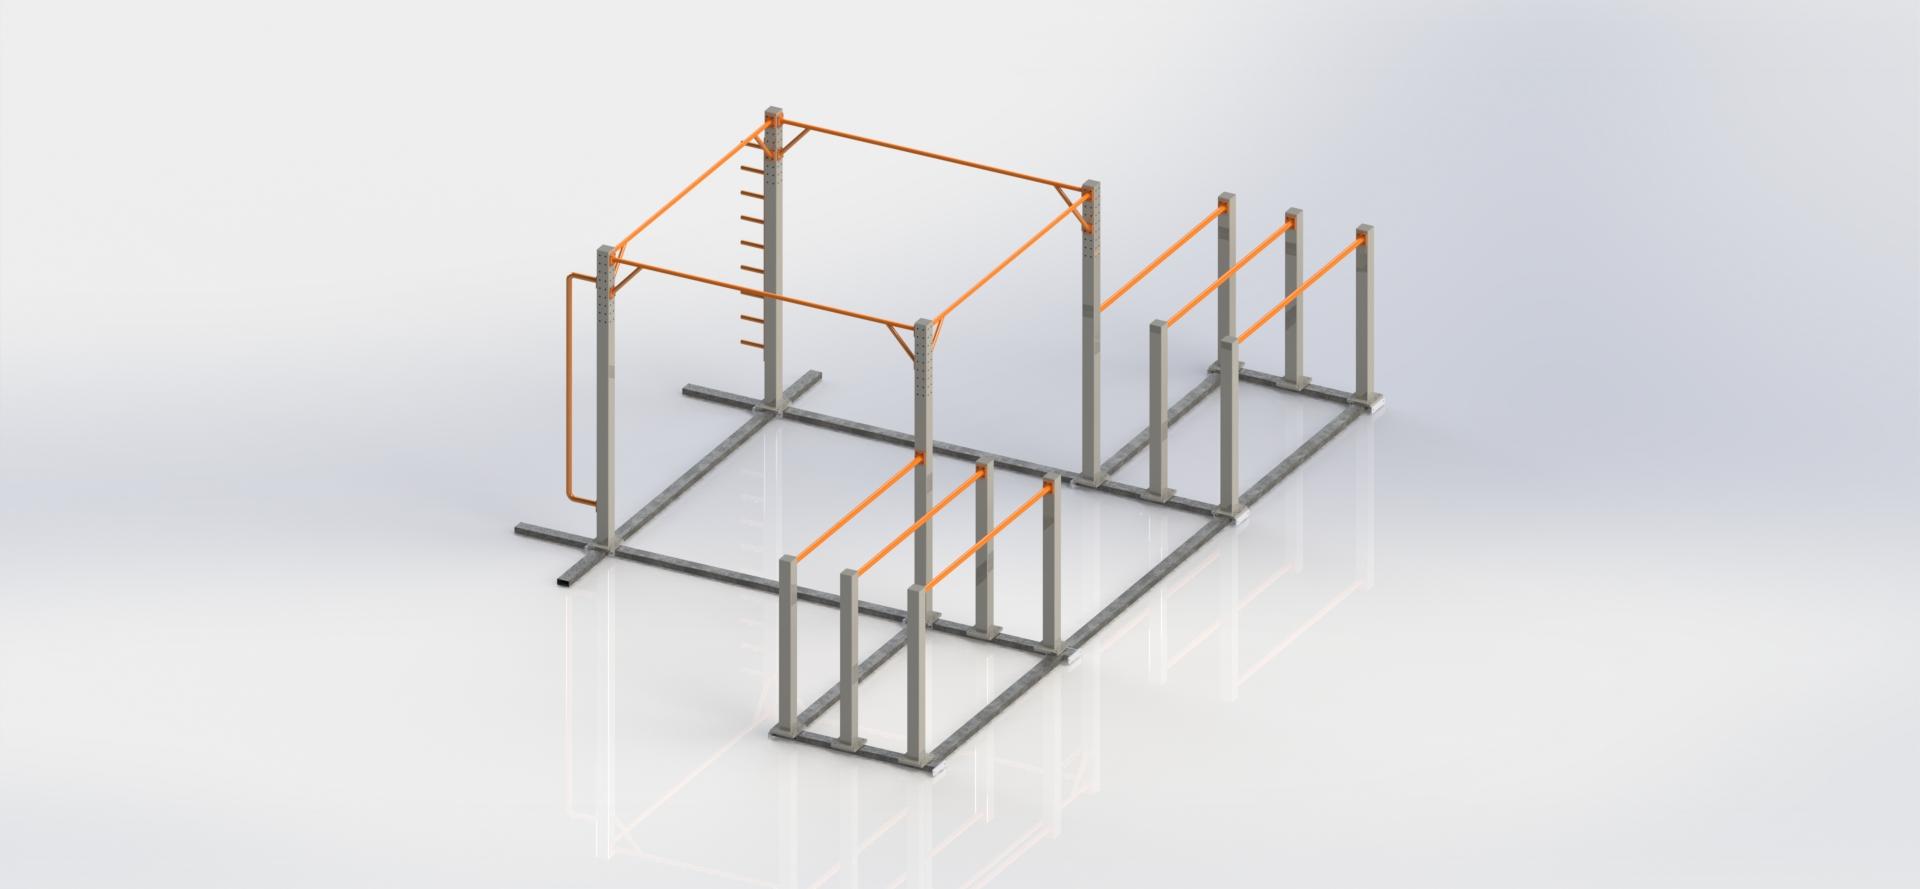 Przenośna, mobilna konstrukcja Street Workout SWPP2 przeznaczona pod wynajem. Konstrukcja składa się z 4 długich drążków przydatnych w kategorii Freestyle. Dodatkowo 3 pary poręczy równoległych z różnym rozstawem. Uzupełnienie to drążek do ludzkiej flagi oraz półdrabinka pionowa.